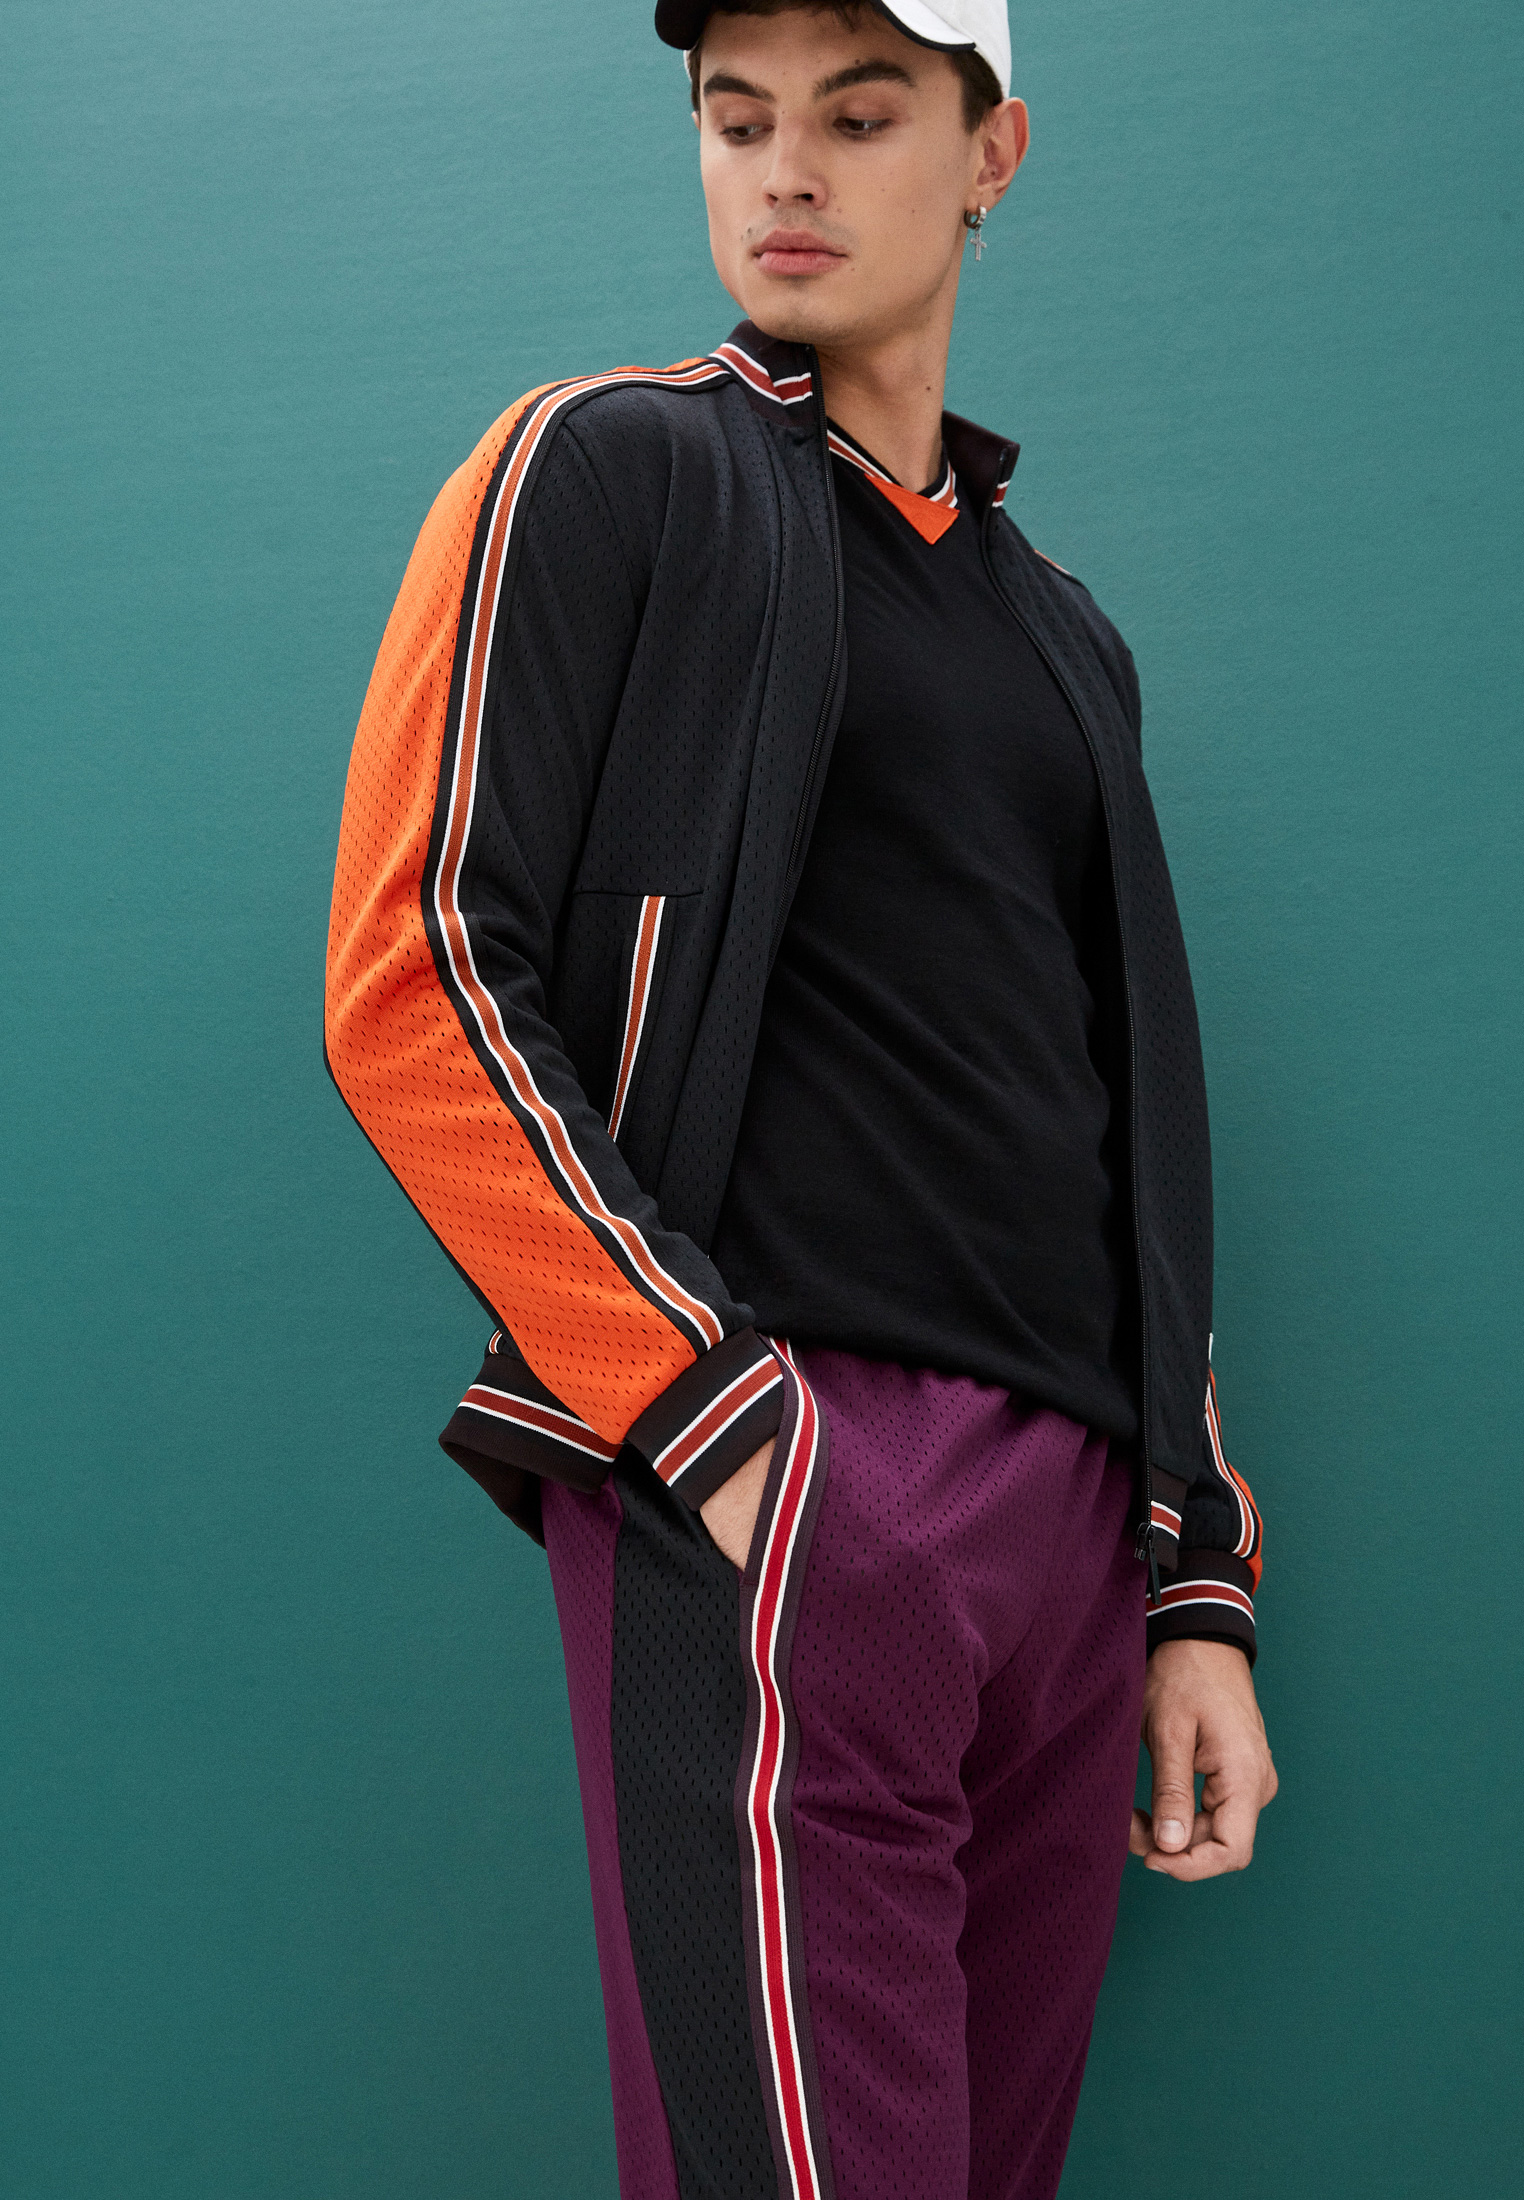 Мужские спортивные брюки Bikkembergs (Биккембергс) C 1 157 00 M 4224: изображение 2